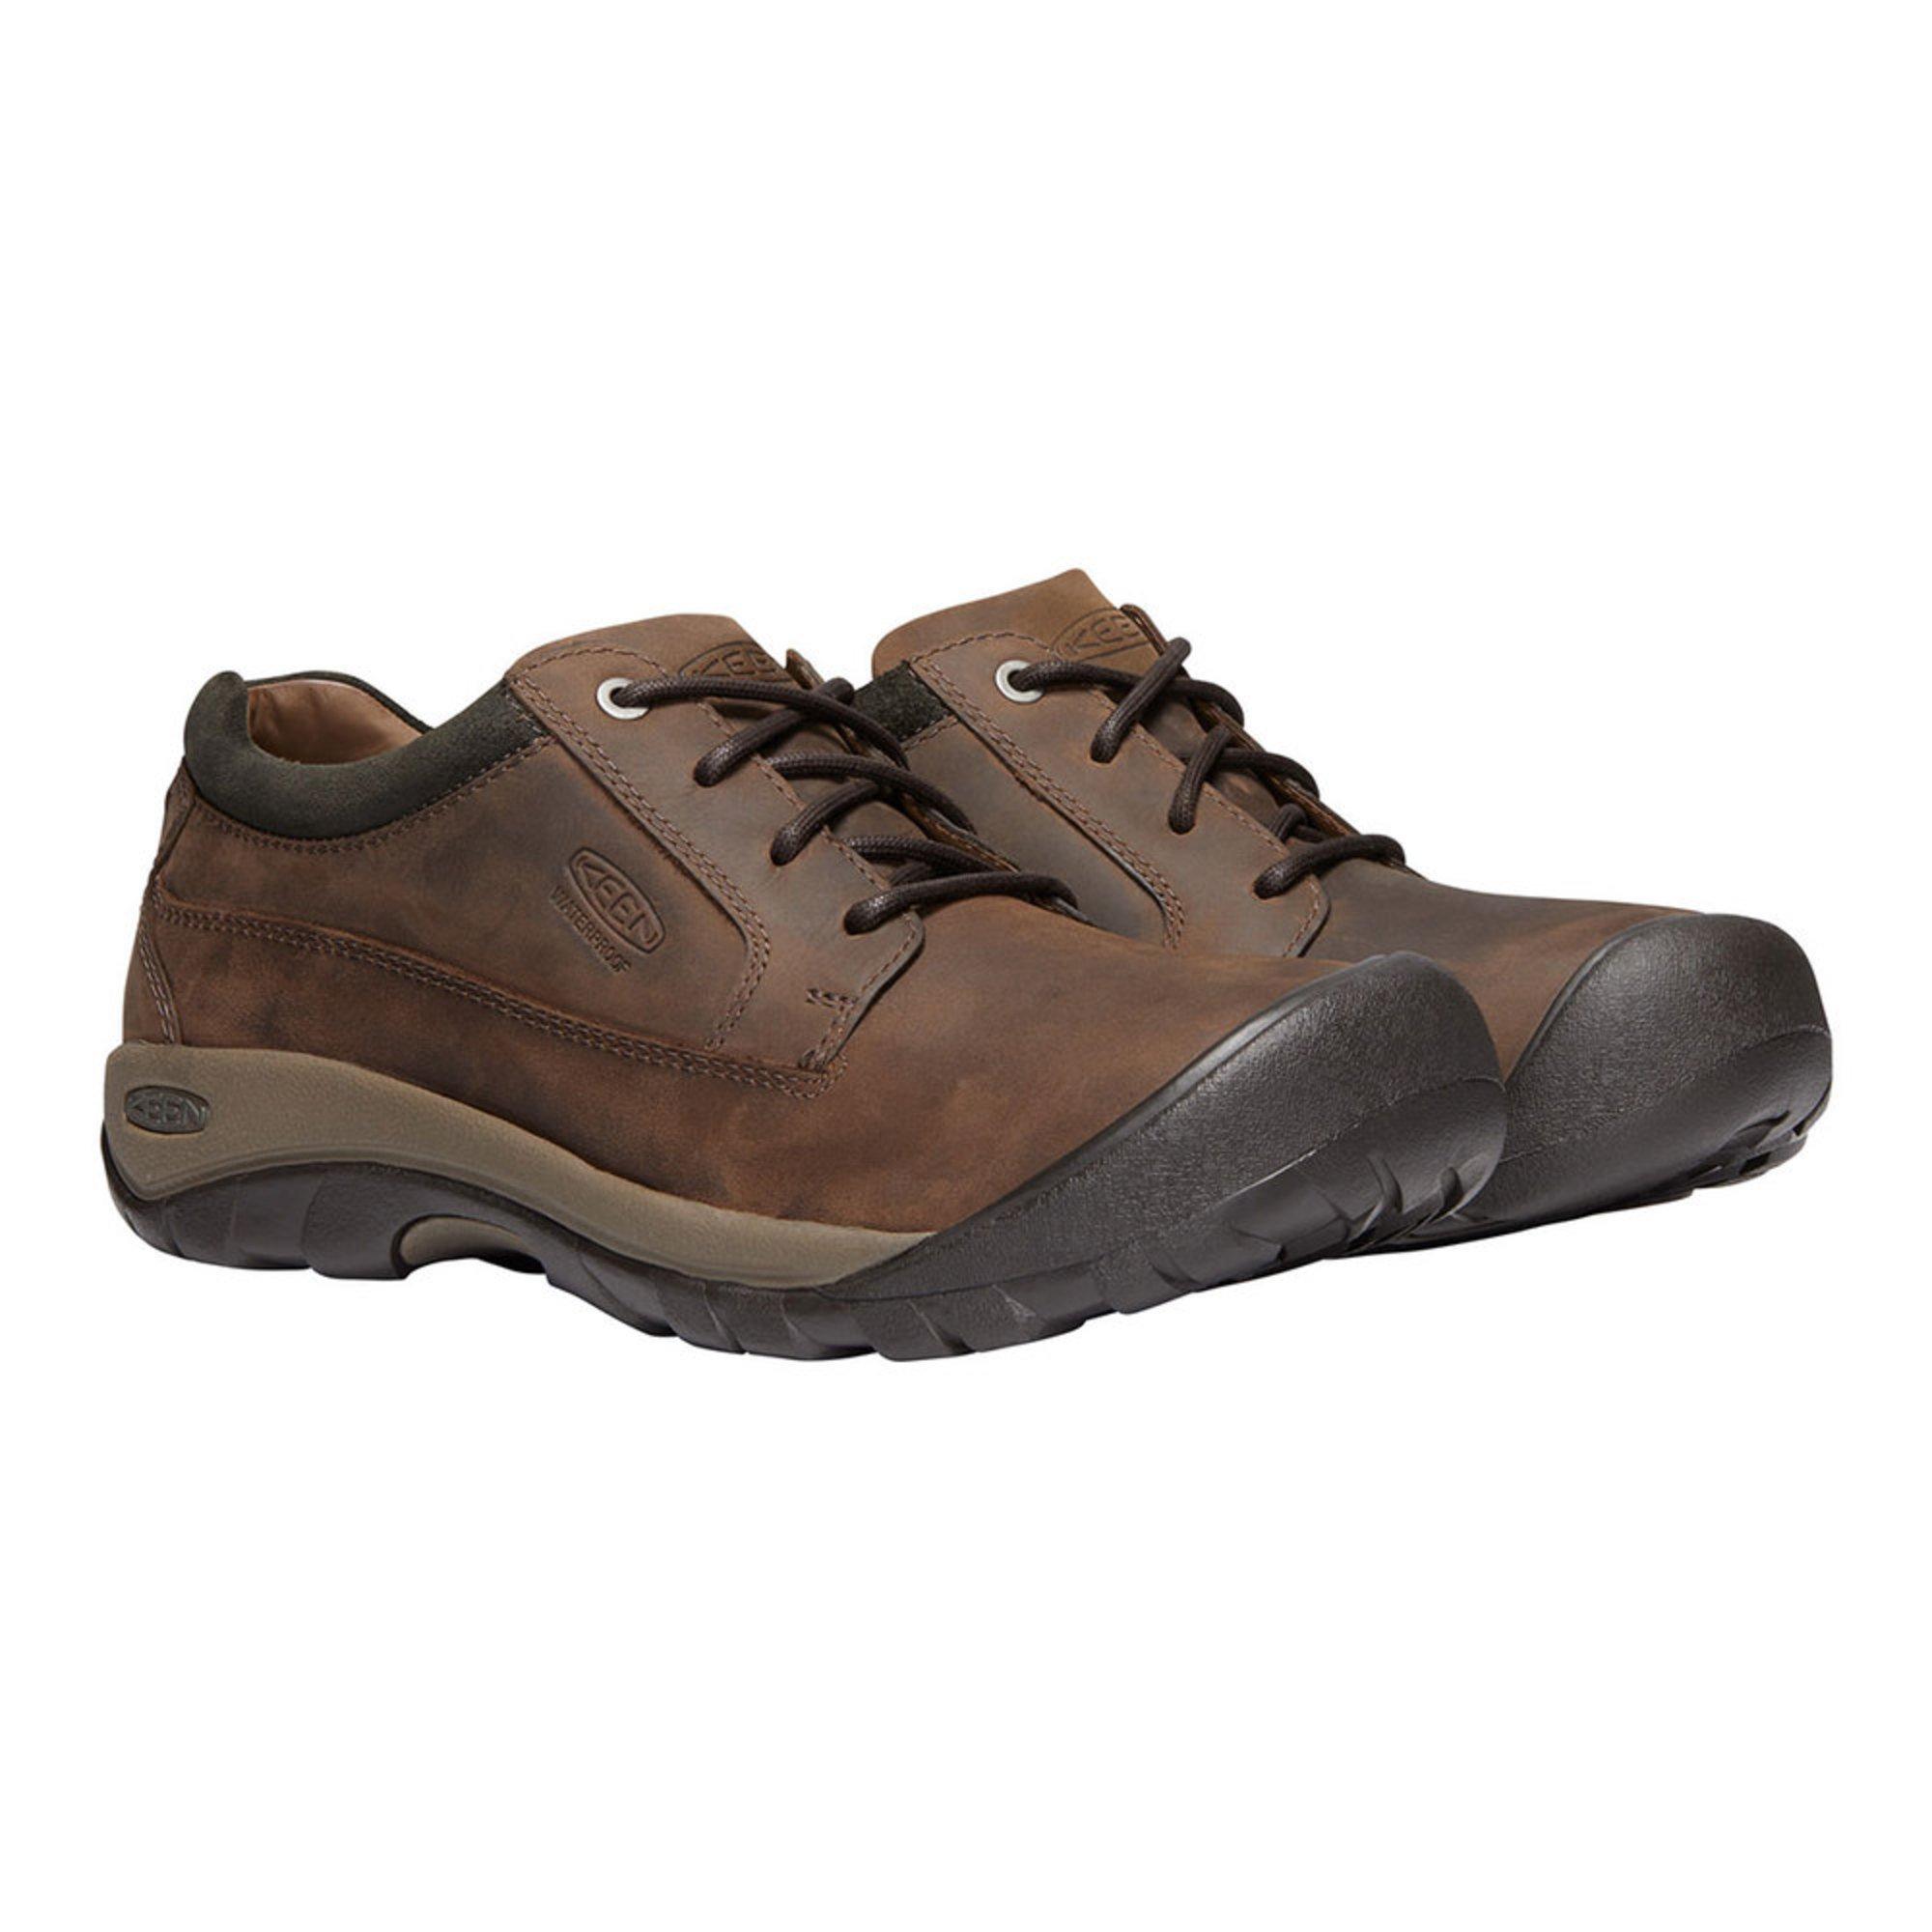 7214b0b6e1d Keen Men's Austin Casual Waterproof Shoe | Men's Casual Shoes ...